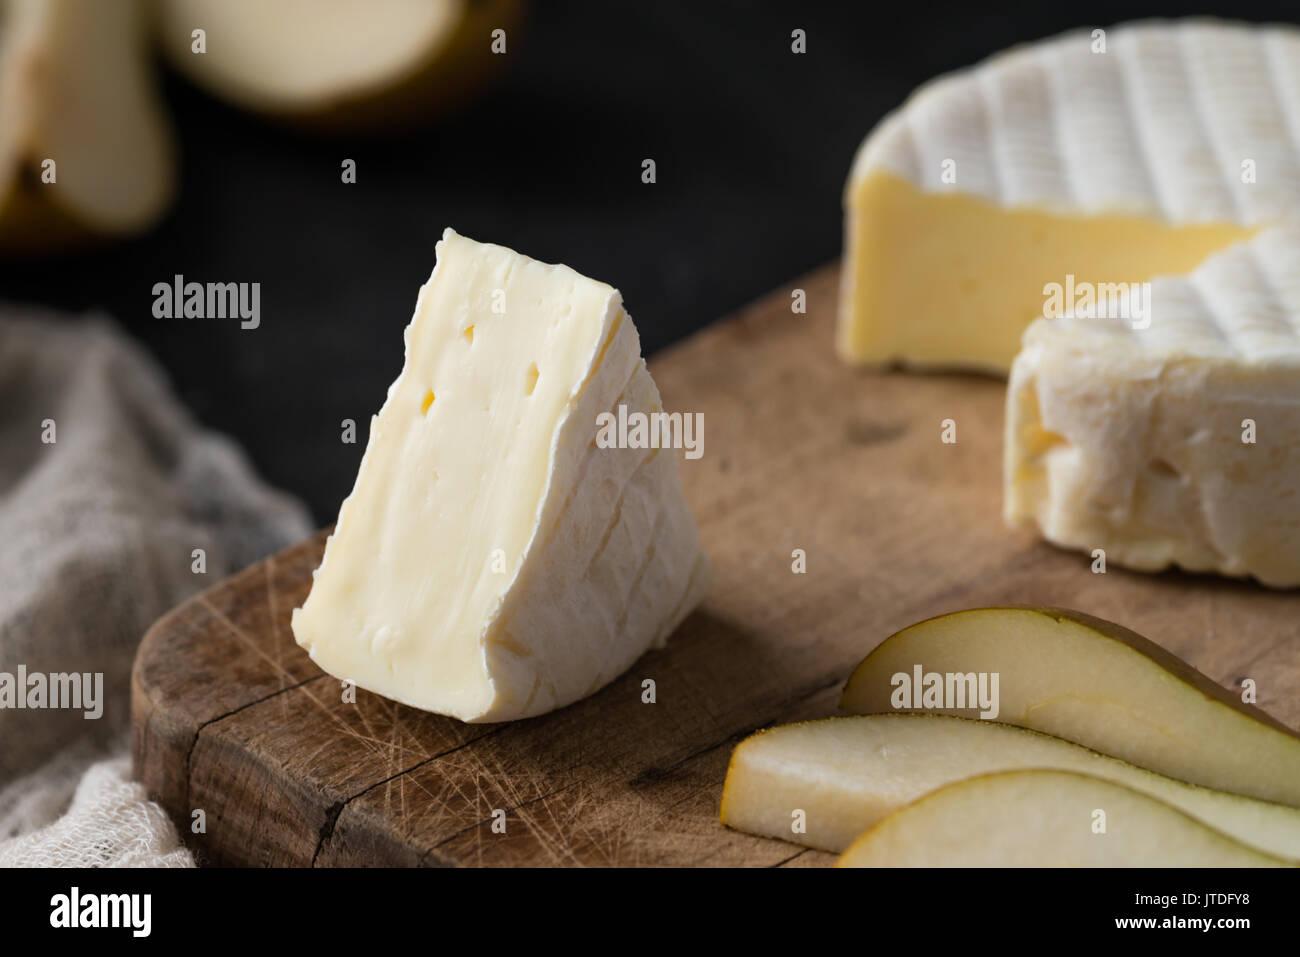 Gros plan du fromage français de Normandie en tranches avec poire sur une planche en bois sombre sur fond rustique Photo Stock